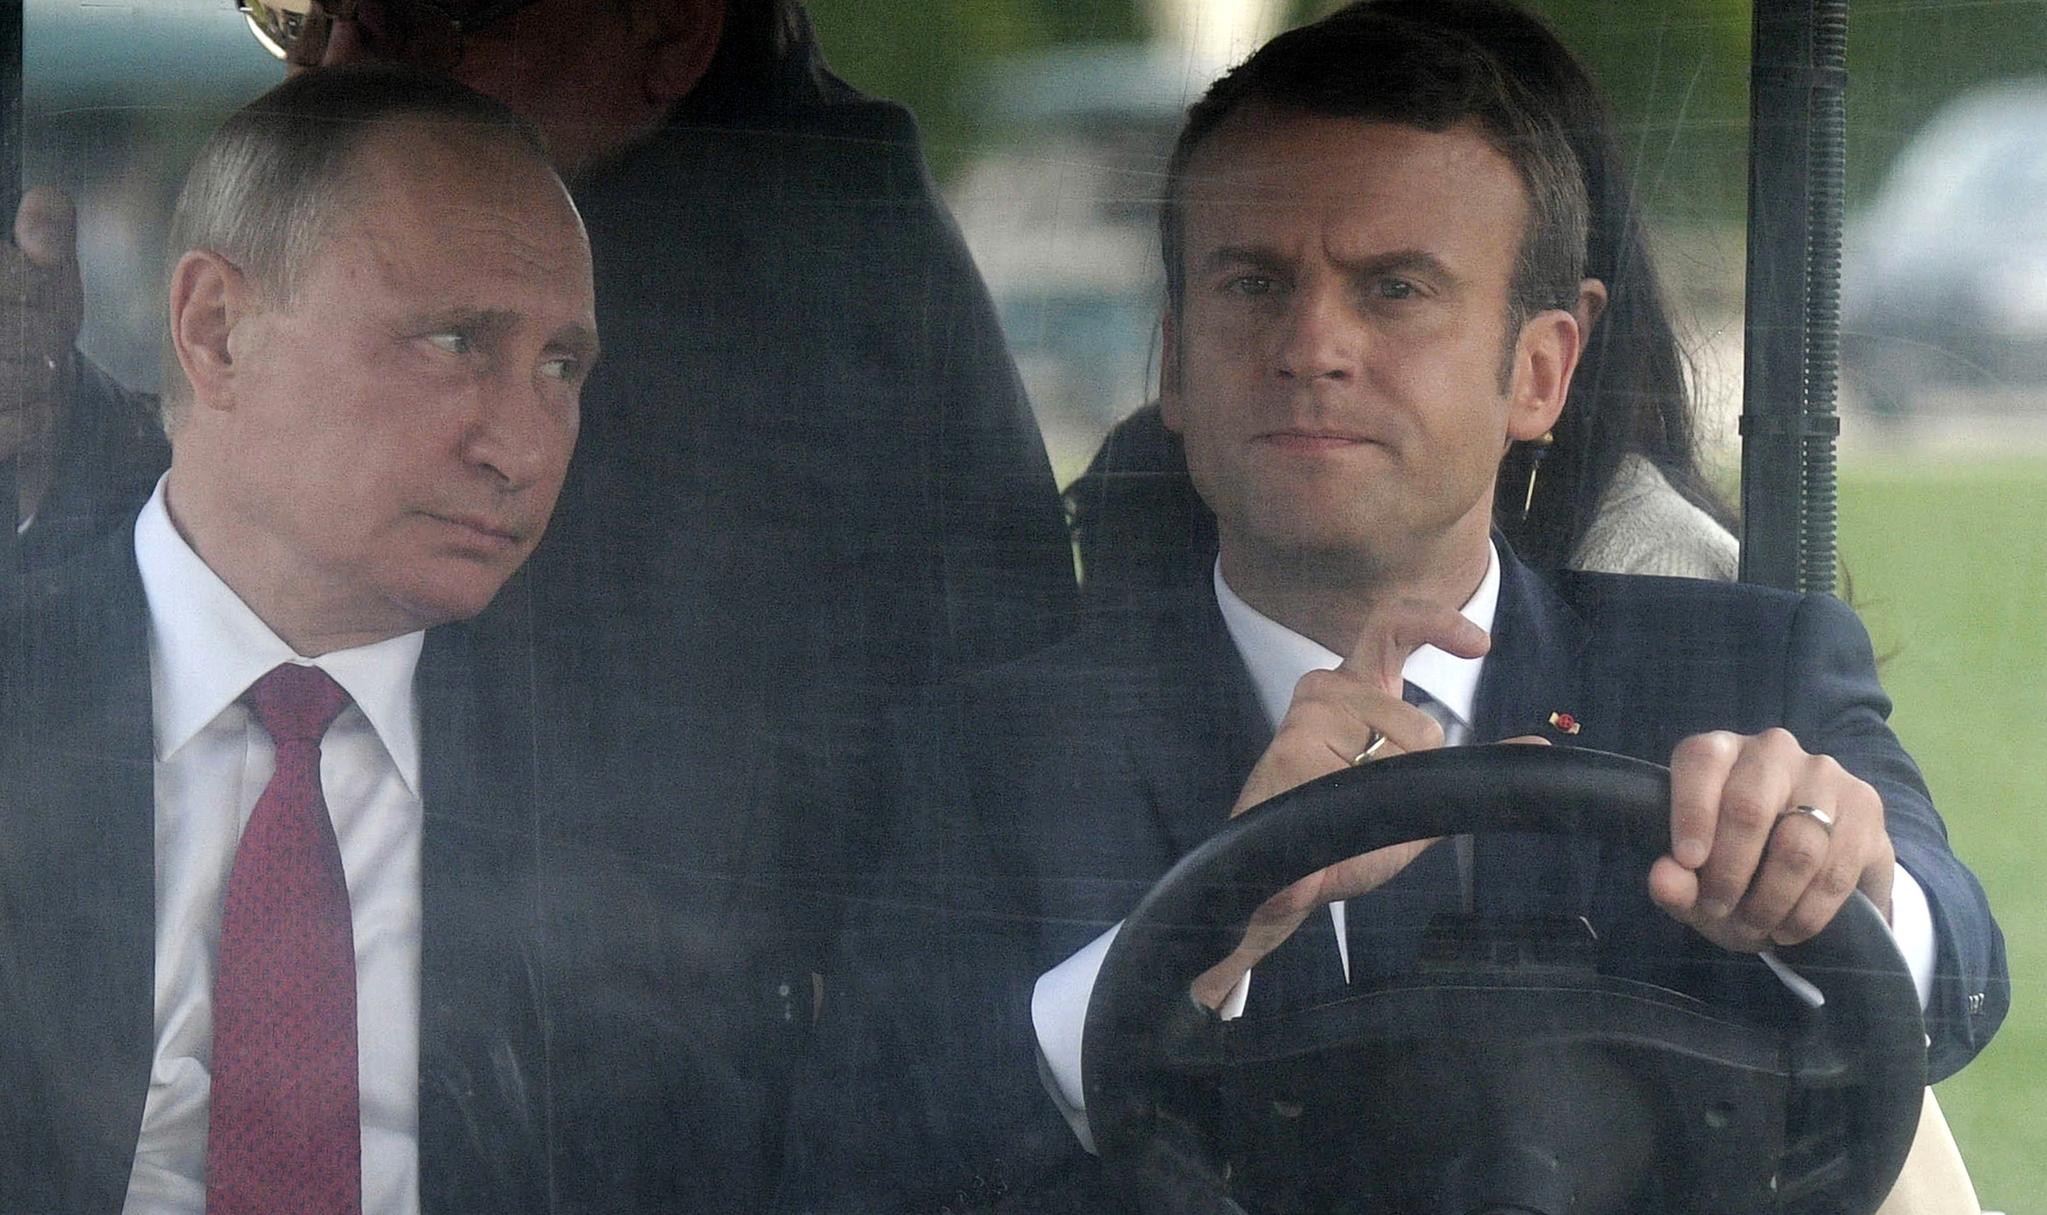 2017년 5월 프랑스 파리 인근 베르사유궁전에서 블라디미르 푸틴 러시아 대통령이 에마뉘엘 마크롱 프랑스 대통령과 함께 전기 골프카를 타고 있다. 푸틴 대통령이 운전하는 마크롱 대통령을 바라보고 있다. [AP=연합뉴스]